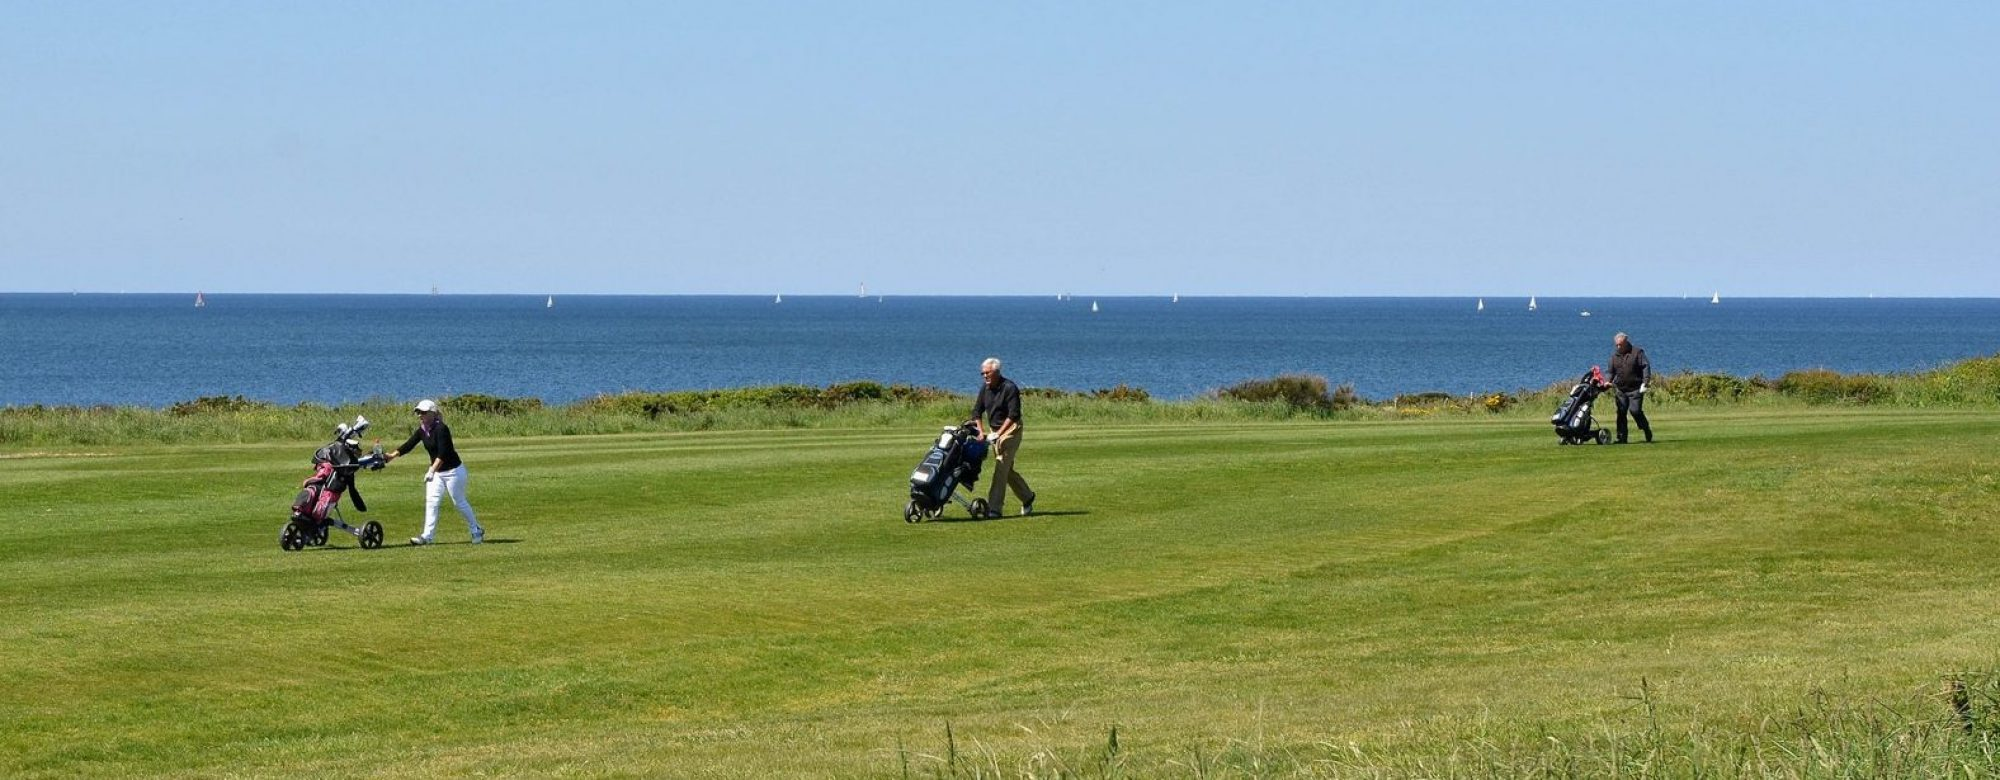 Golfeurs sur le parcours 18 trous, Ploemeur.